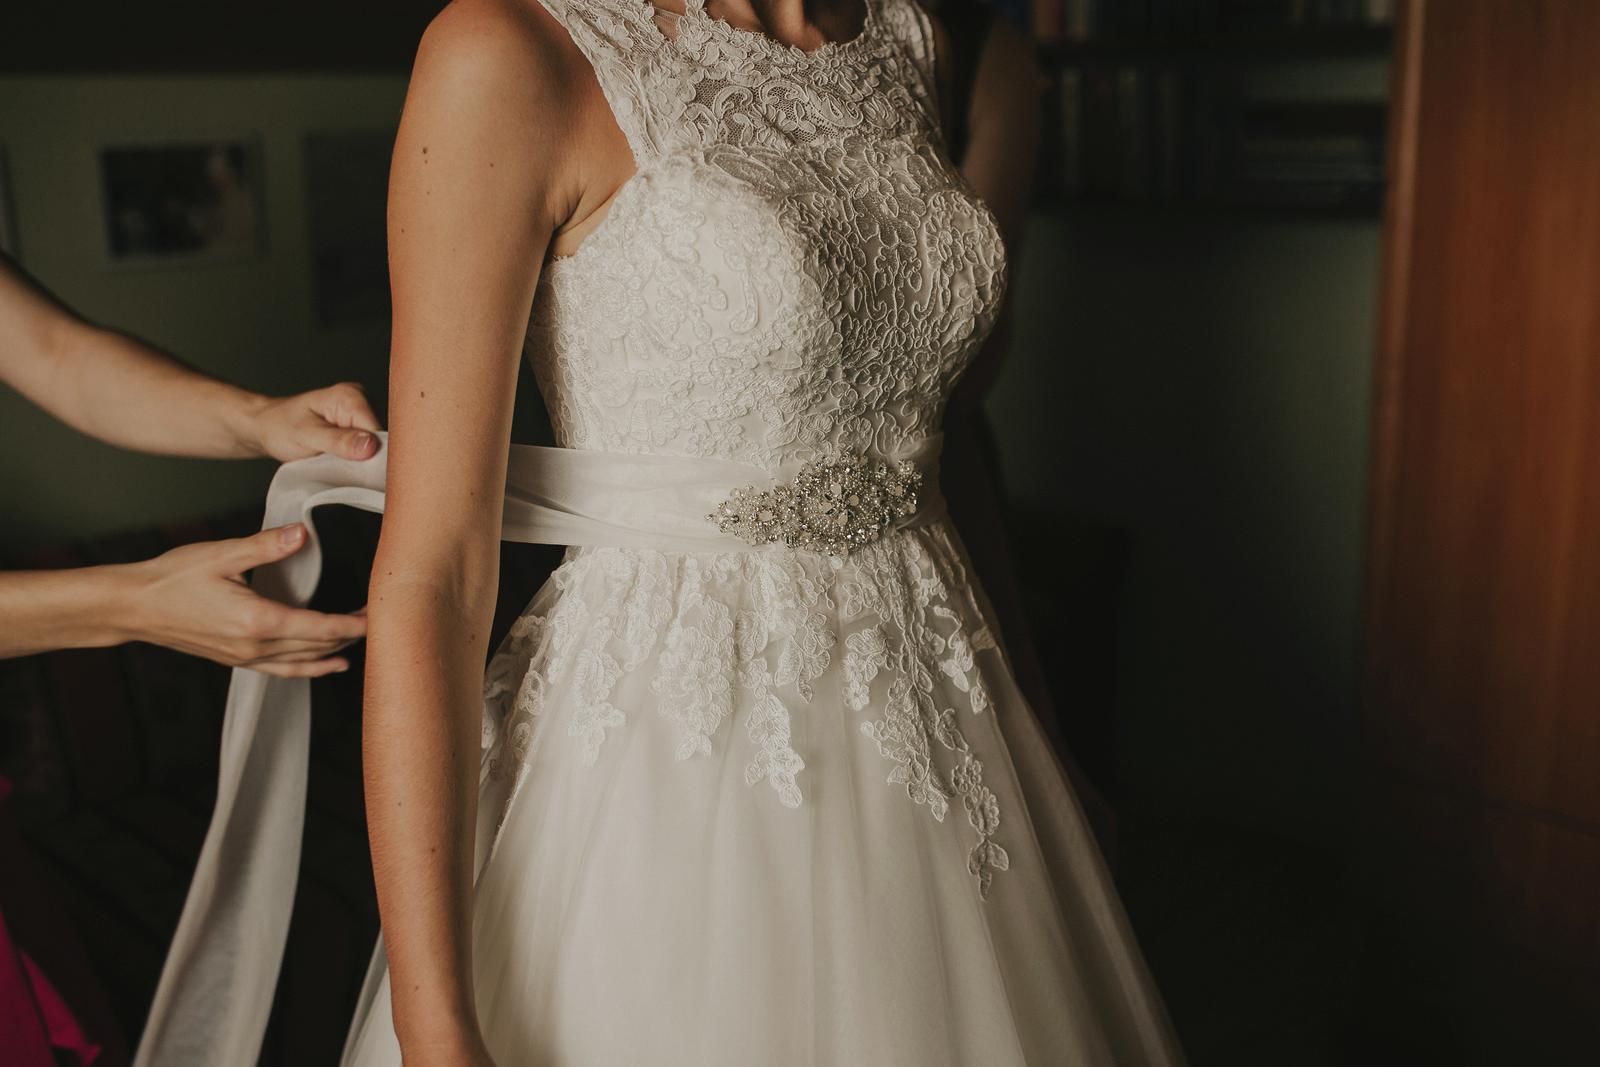 Svadobné šaty, veľkosť 34-36, farba ivory - Obrázok č. 4